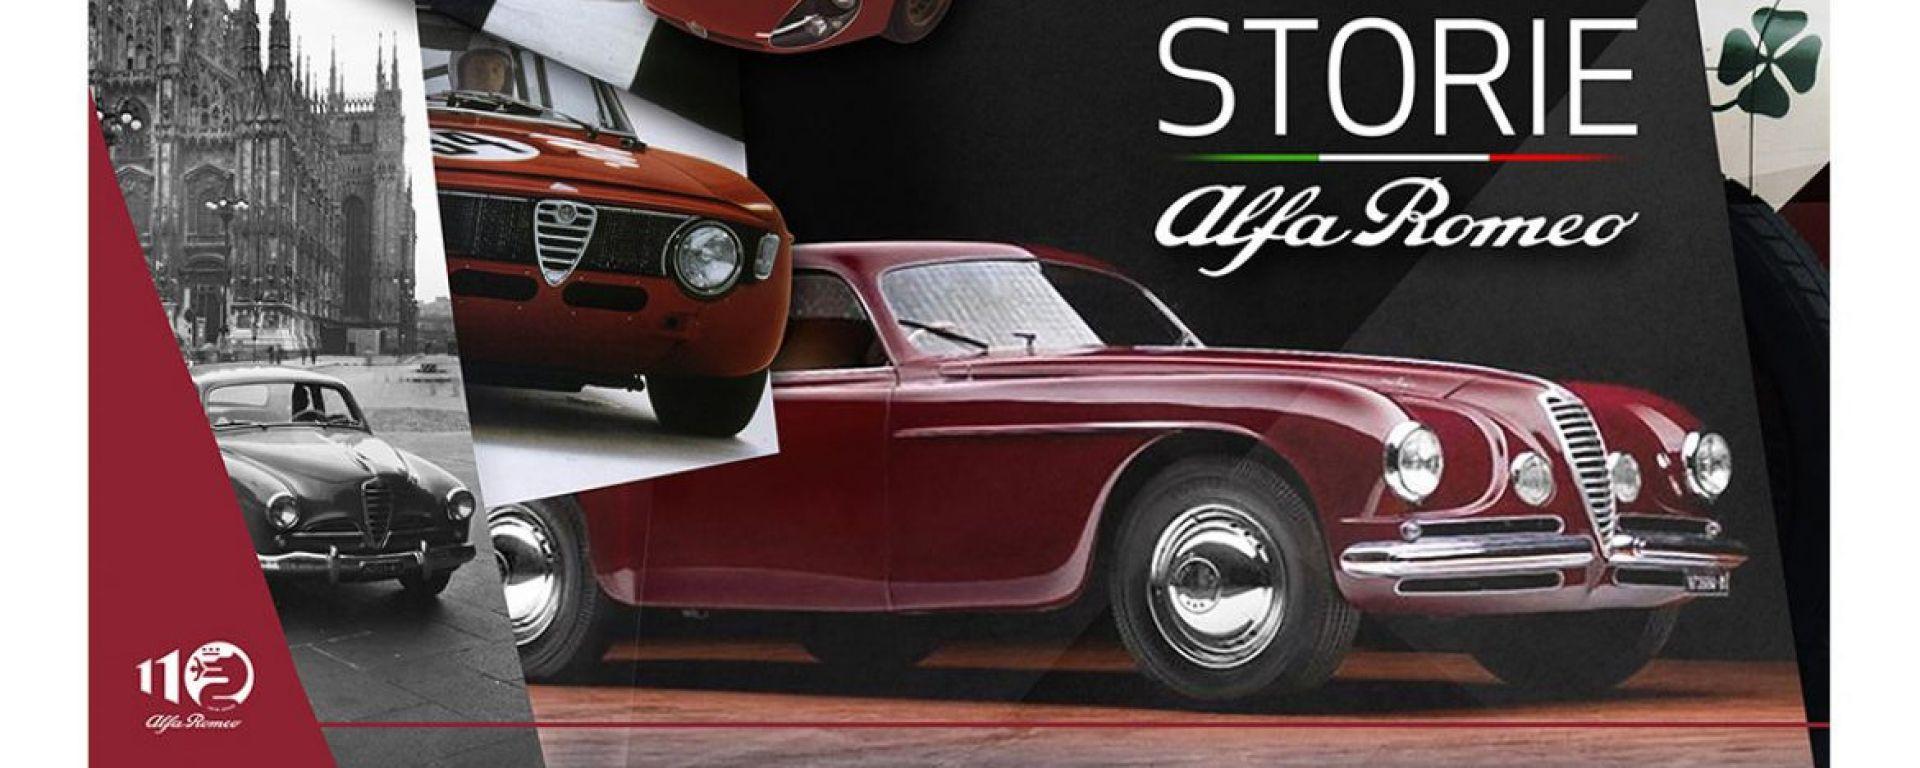 Storie Alfa Romeo: racconti memorabili per i 110 anni del marchio